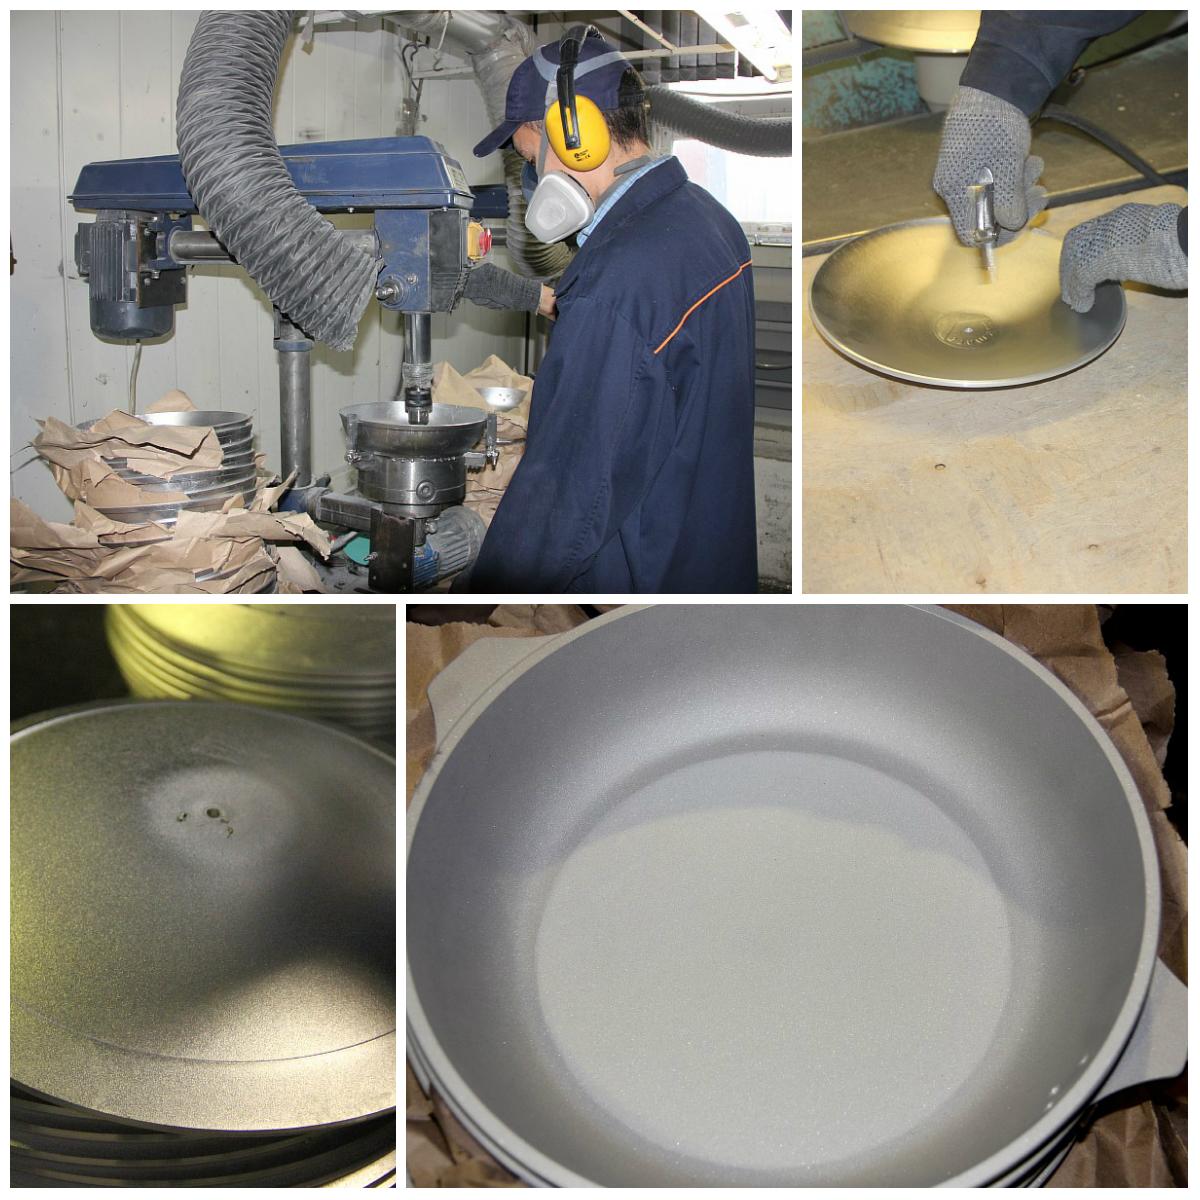 Kukmara, завод, Кукмор, фотография, Аксанов Нияз, kukmor, жж, lj, производство, литая посуда, сковородки, казан,жаровни,посуда,